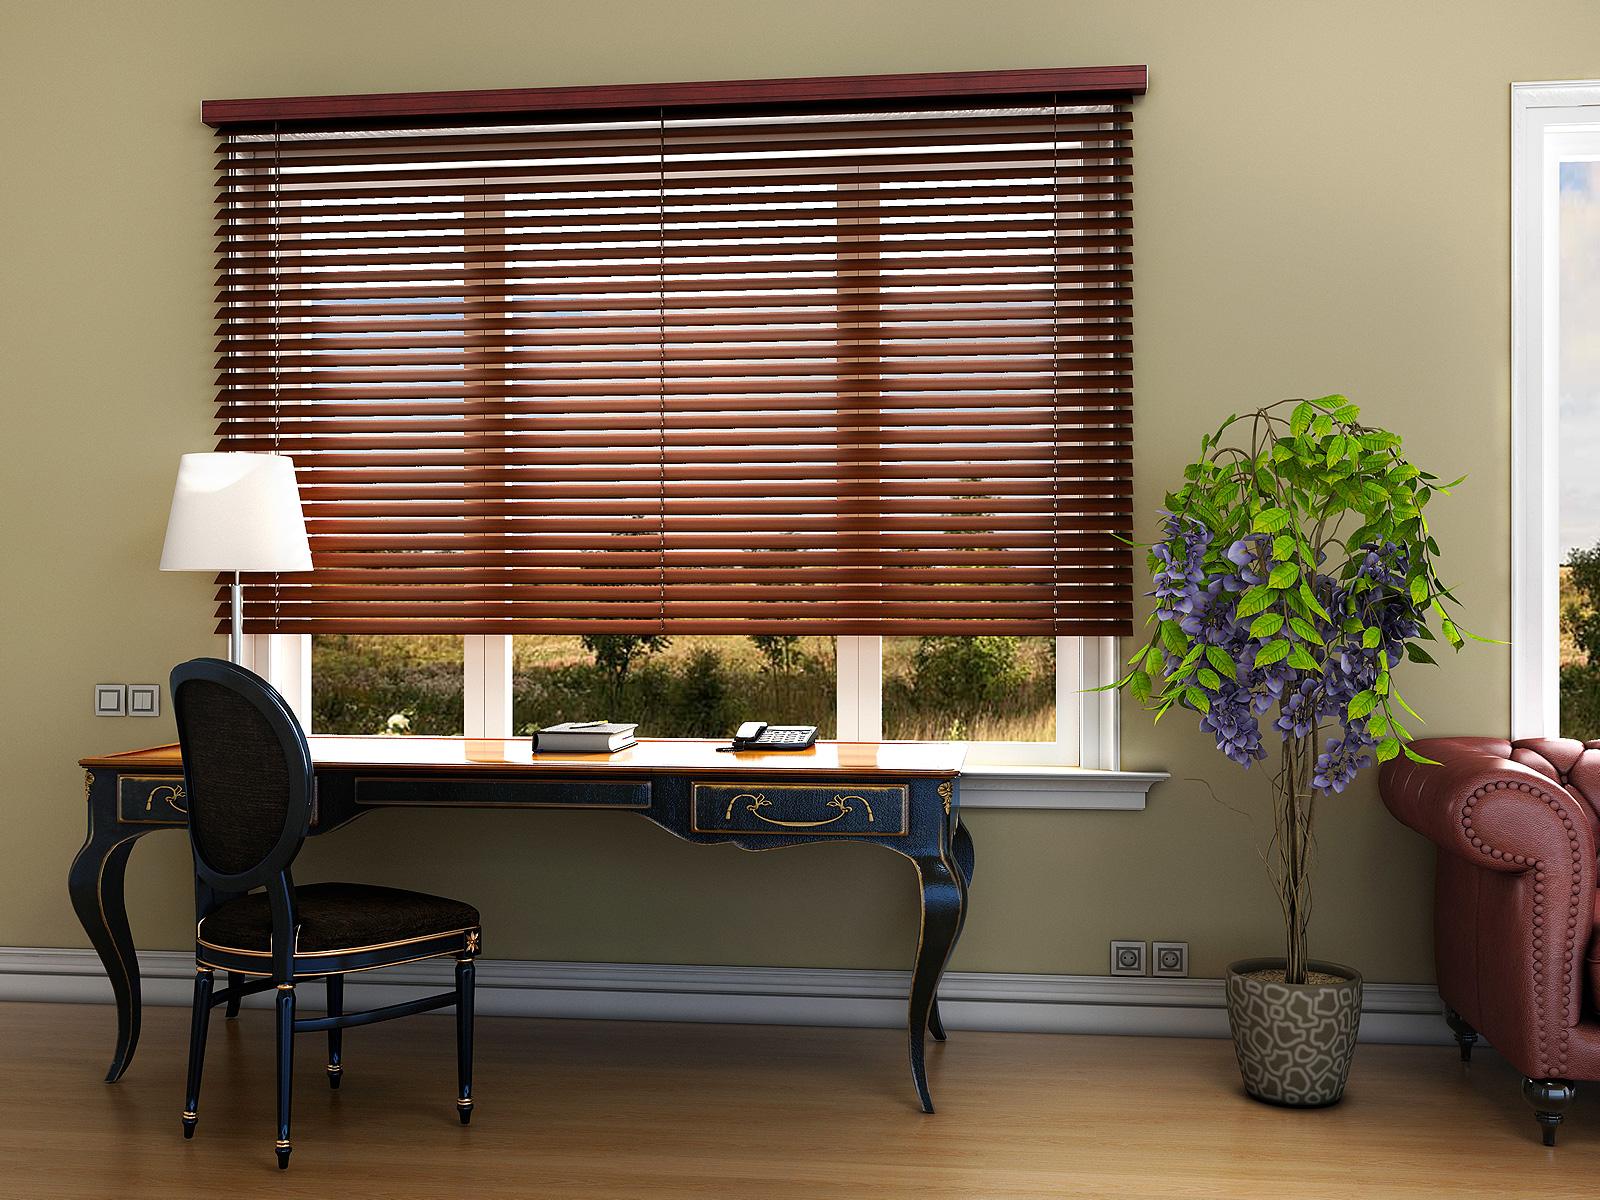 CREON-wooden blind